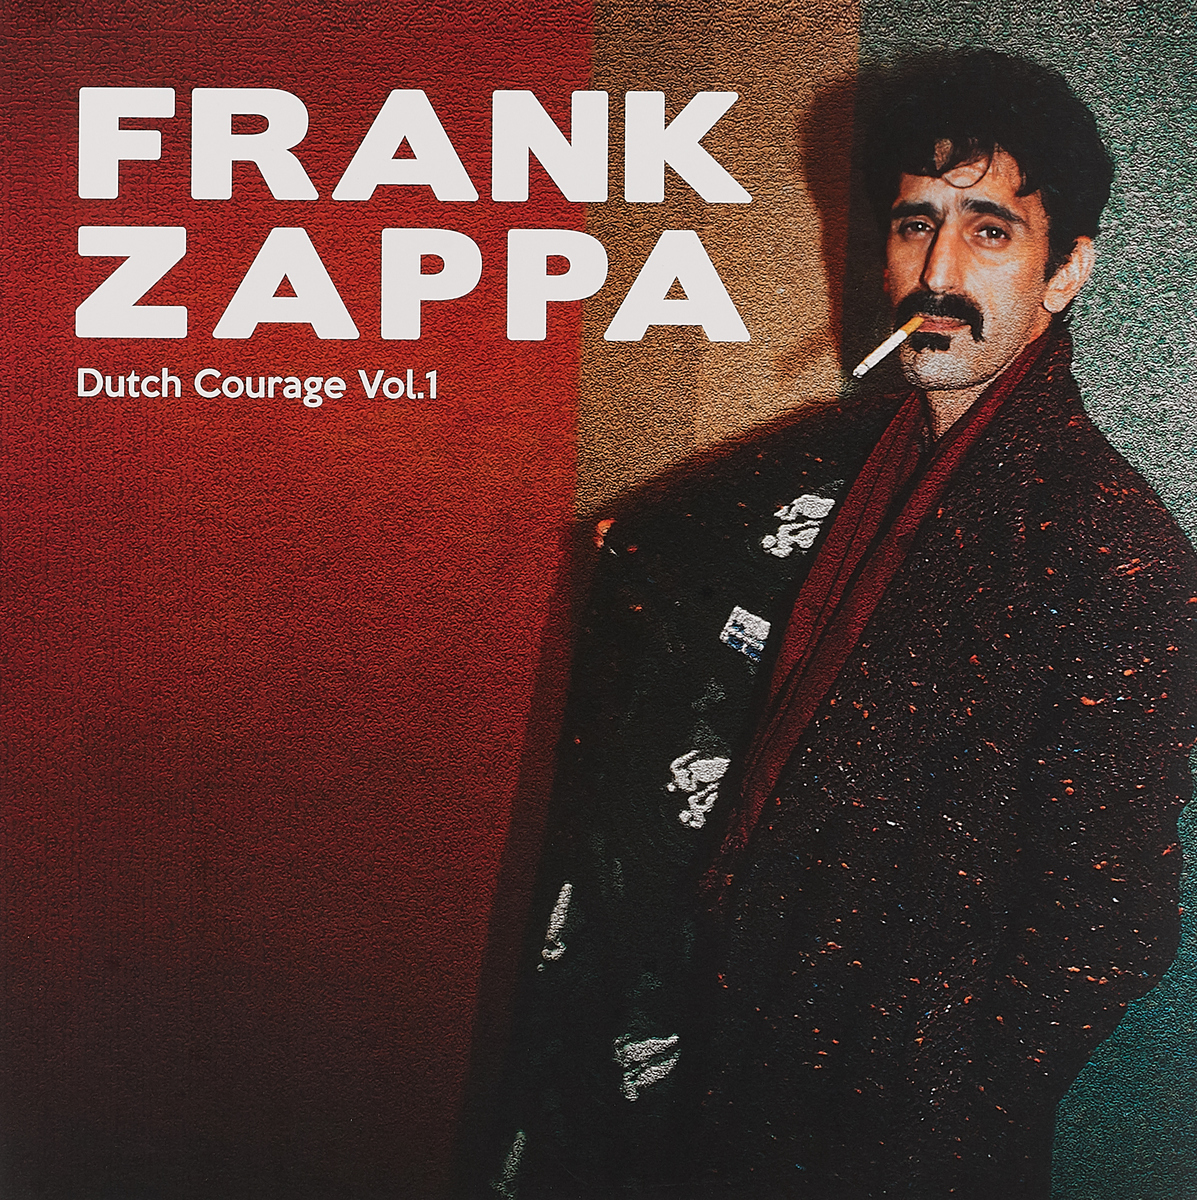 лучшая цена Фрэнк Заппа Frank Zappa. Dutch Courage Vol. 1 (2 LP)